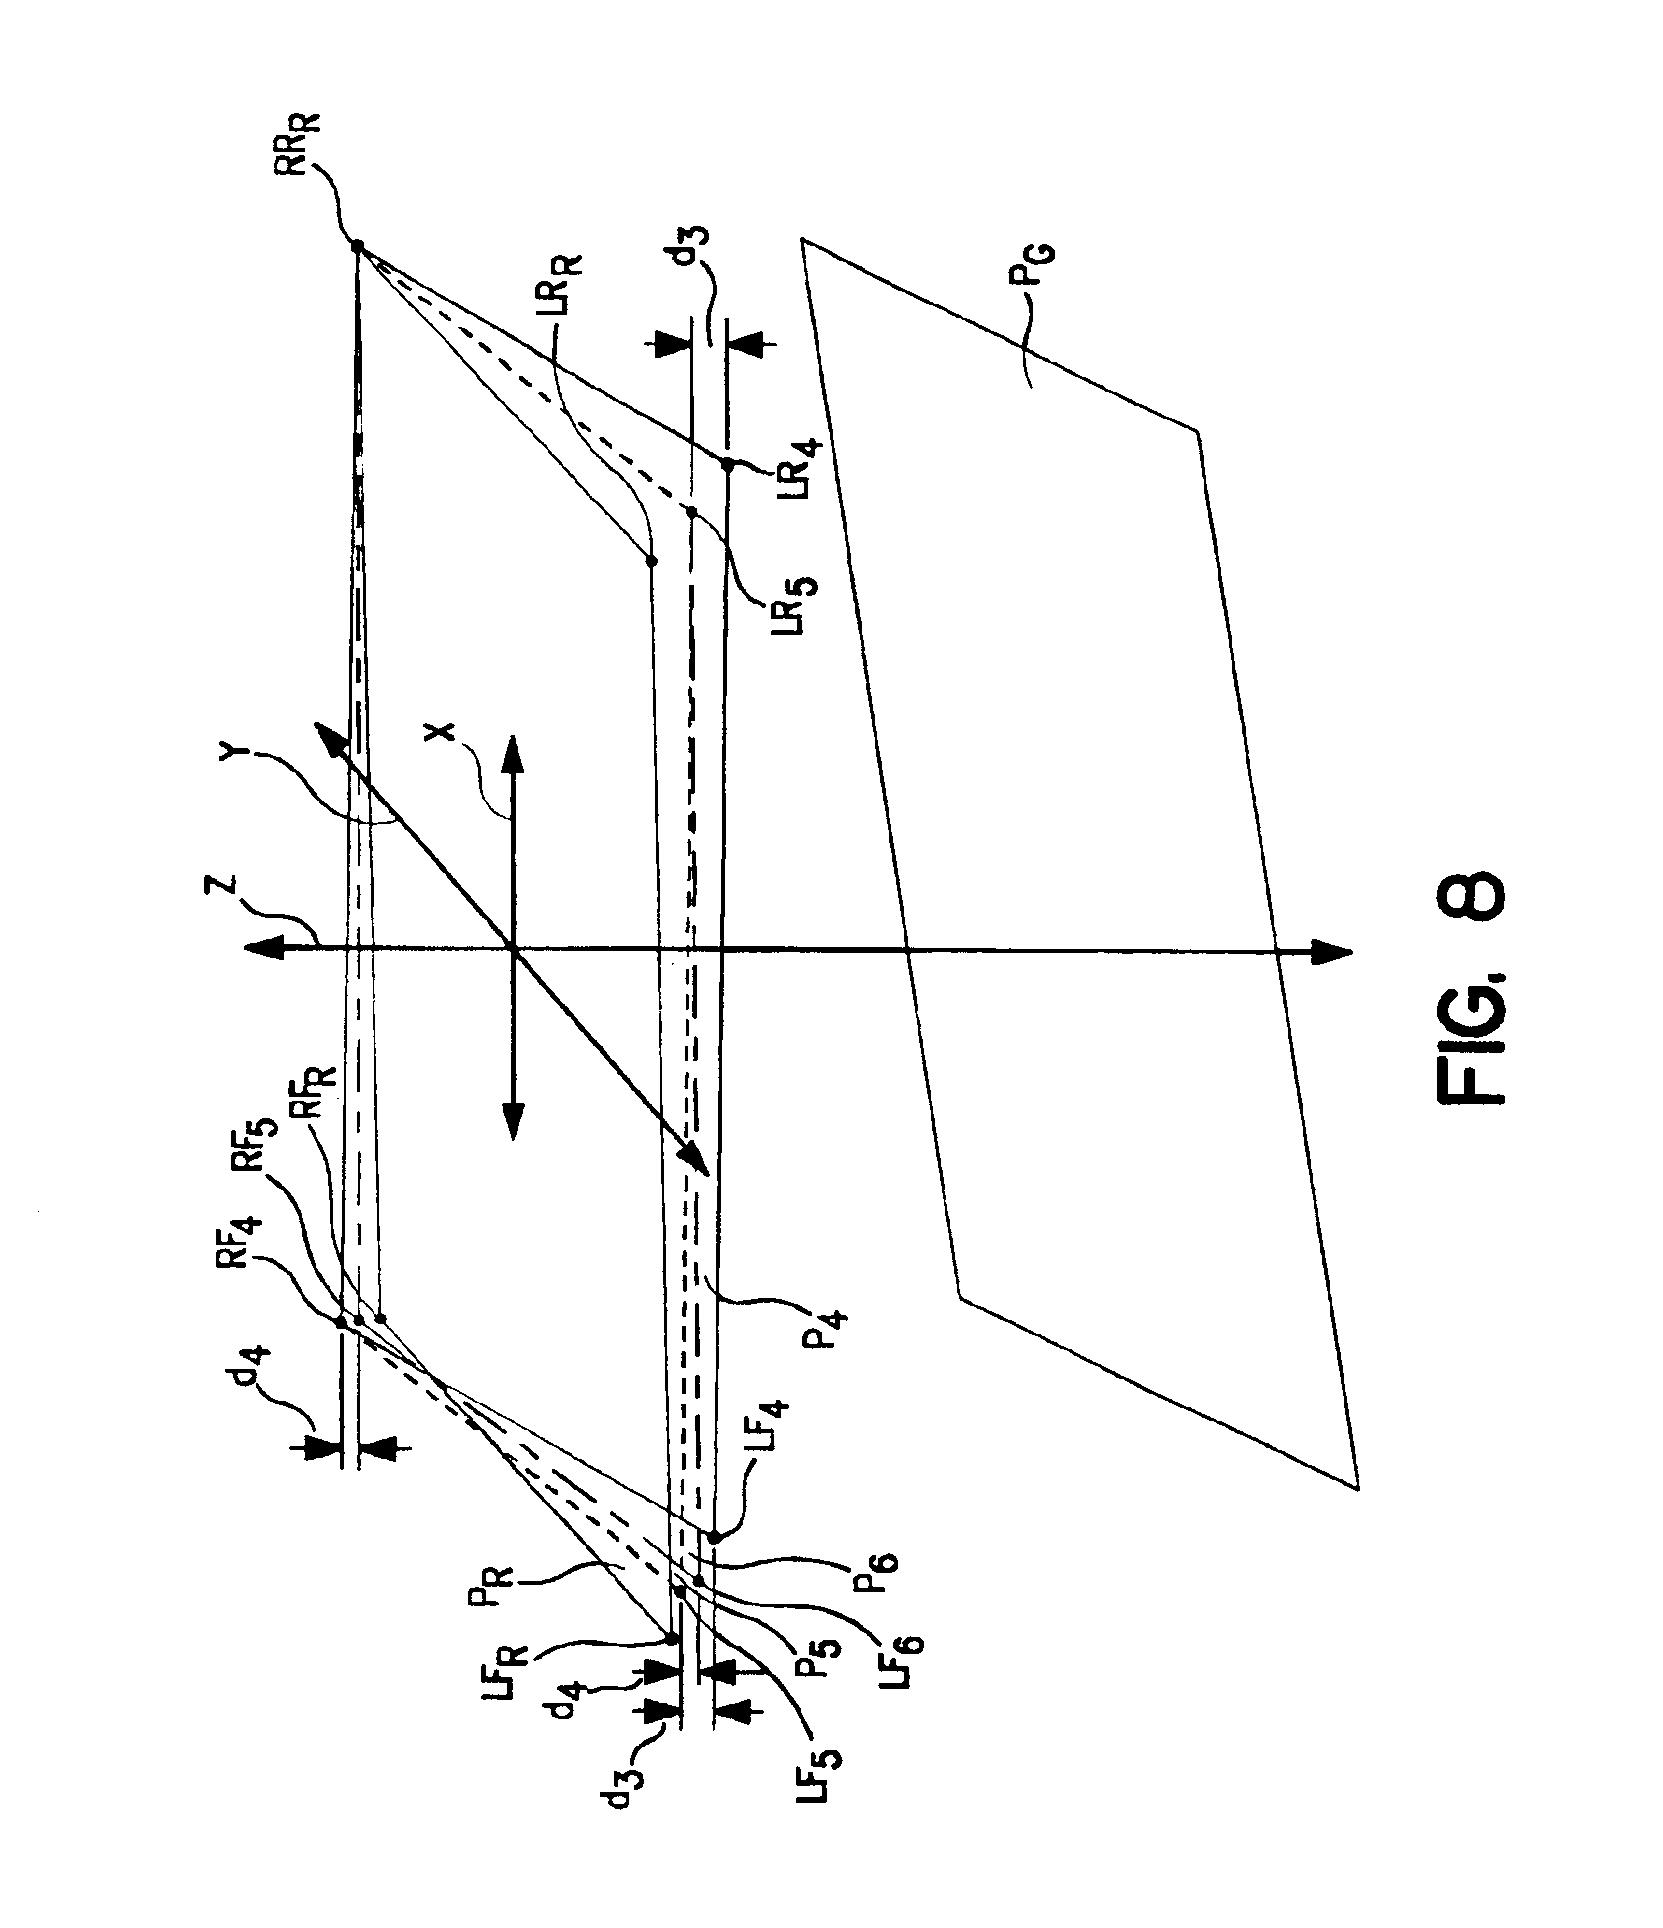 2001 Kz1000 Wiring Diagram Suzuki Wiring Diagram ~ Elsavadorla